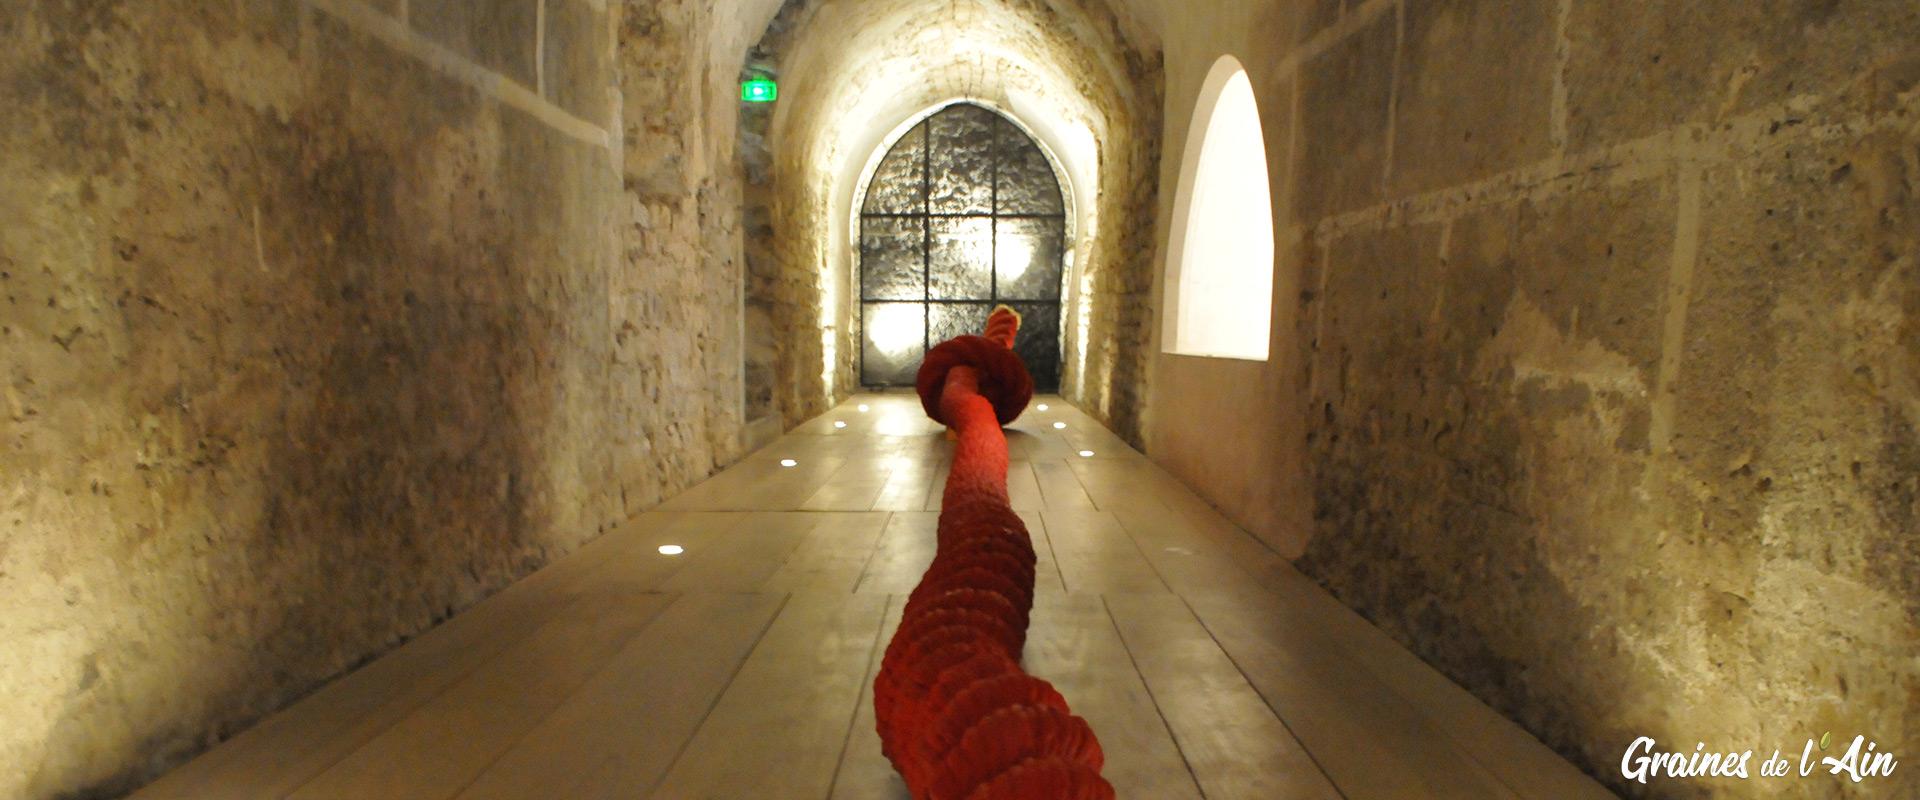 Musée de l'Abbaye - Saint-Claude - Magazine Graines de l'Ain